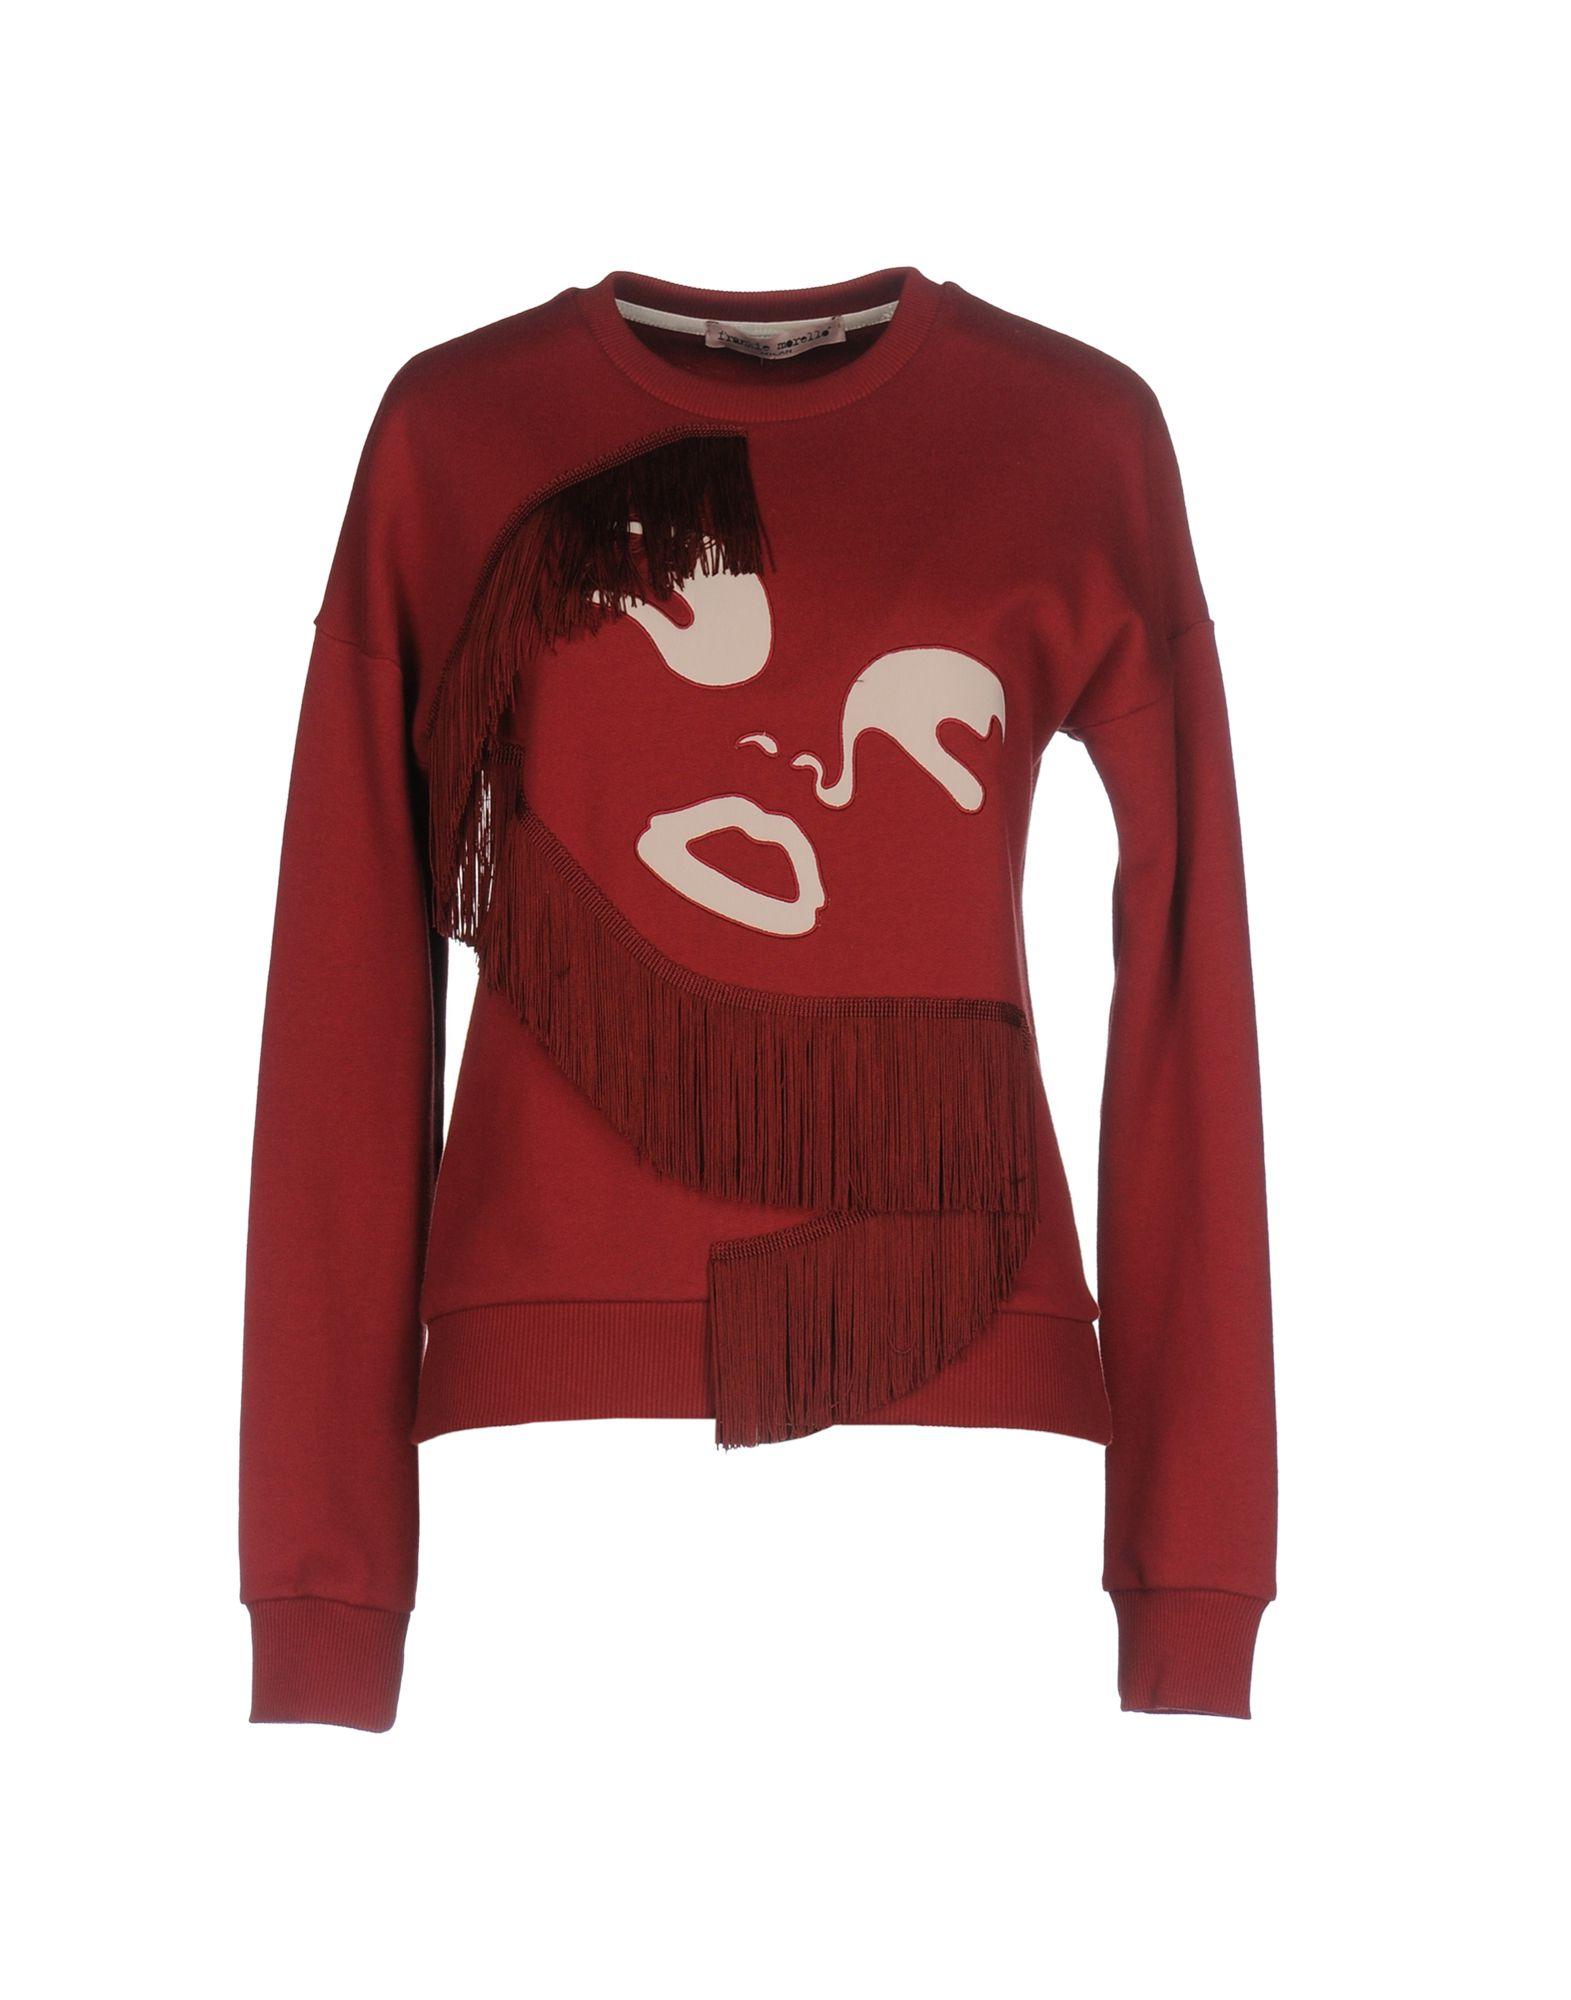 FRANKIE MORELLO Damen Sweatshirt Farbe Rot Größe 3 - broschei